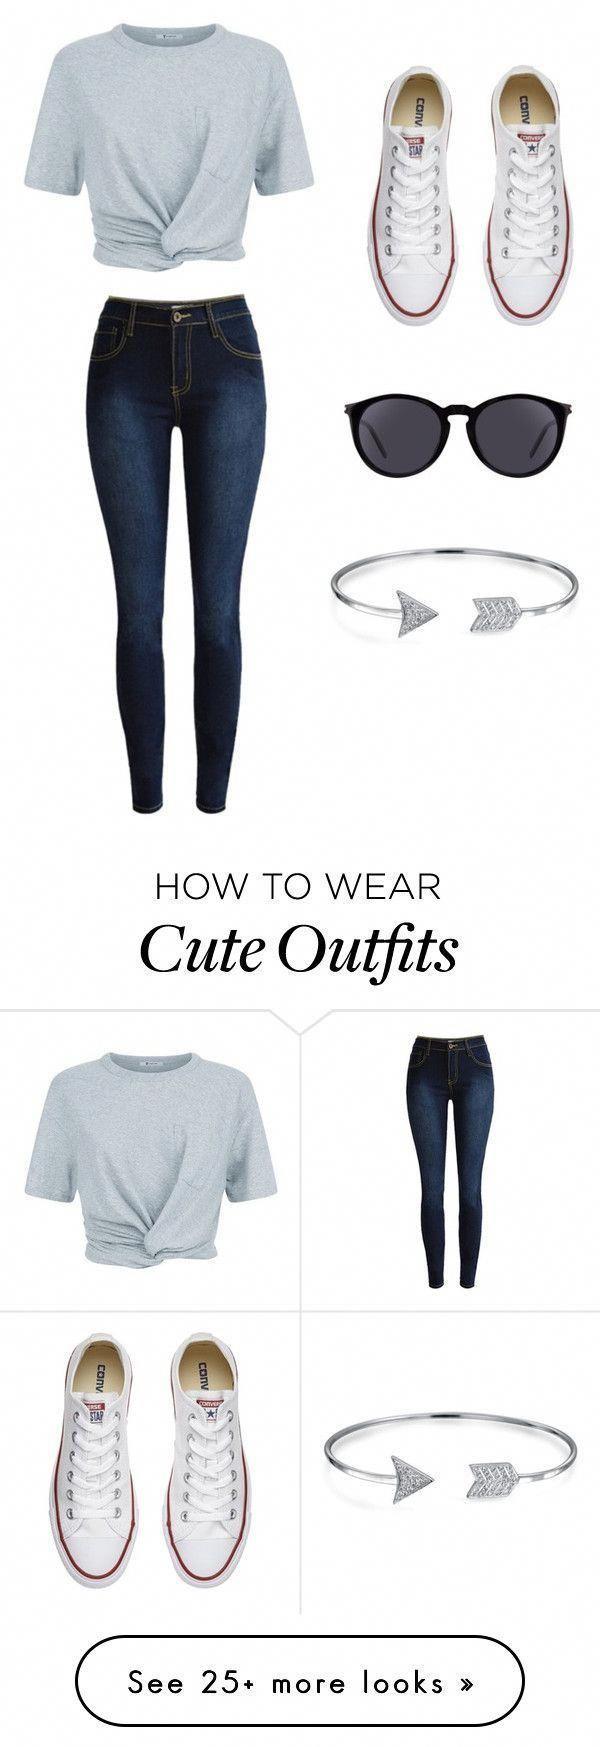 Entdecken Sie großartige Teenie-Mode-Outfits 9690 #teenfashionoutfits